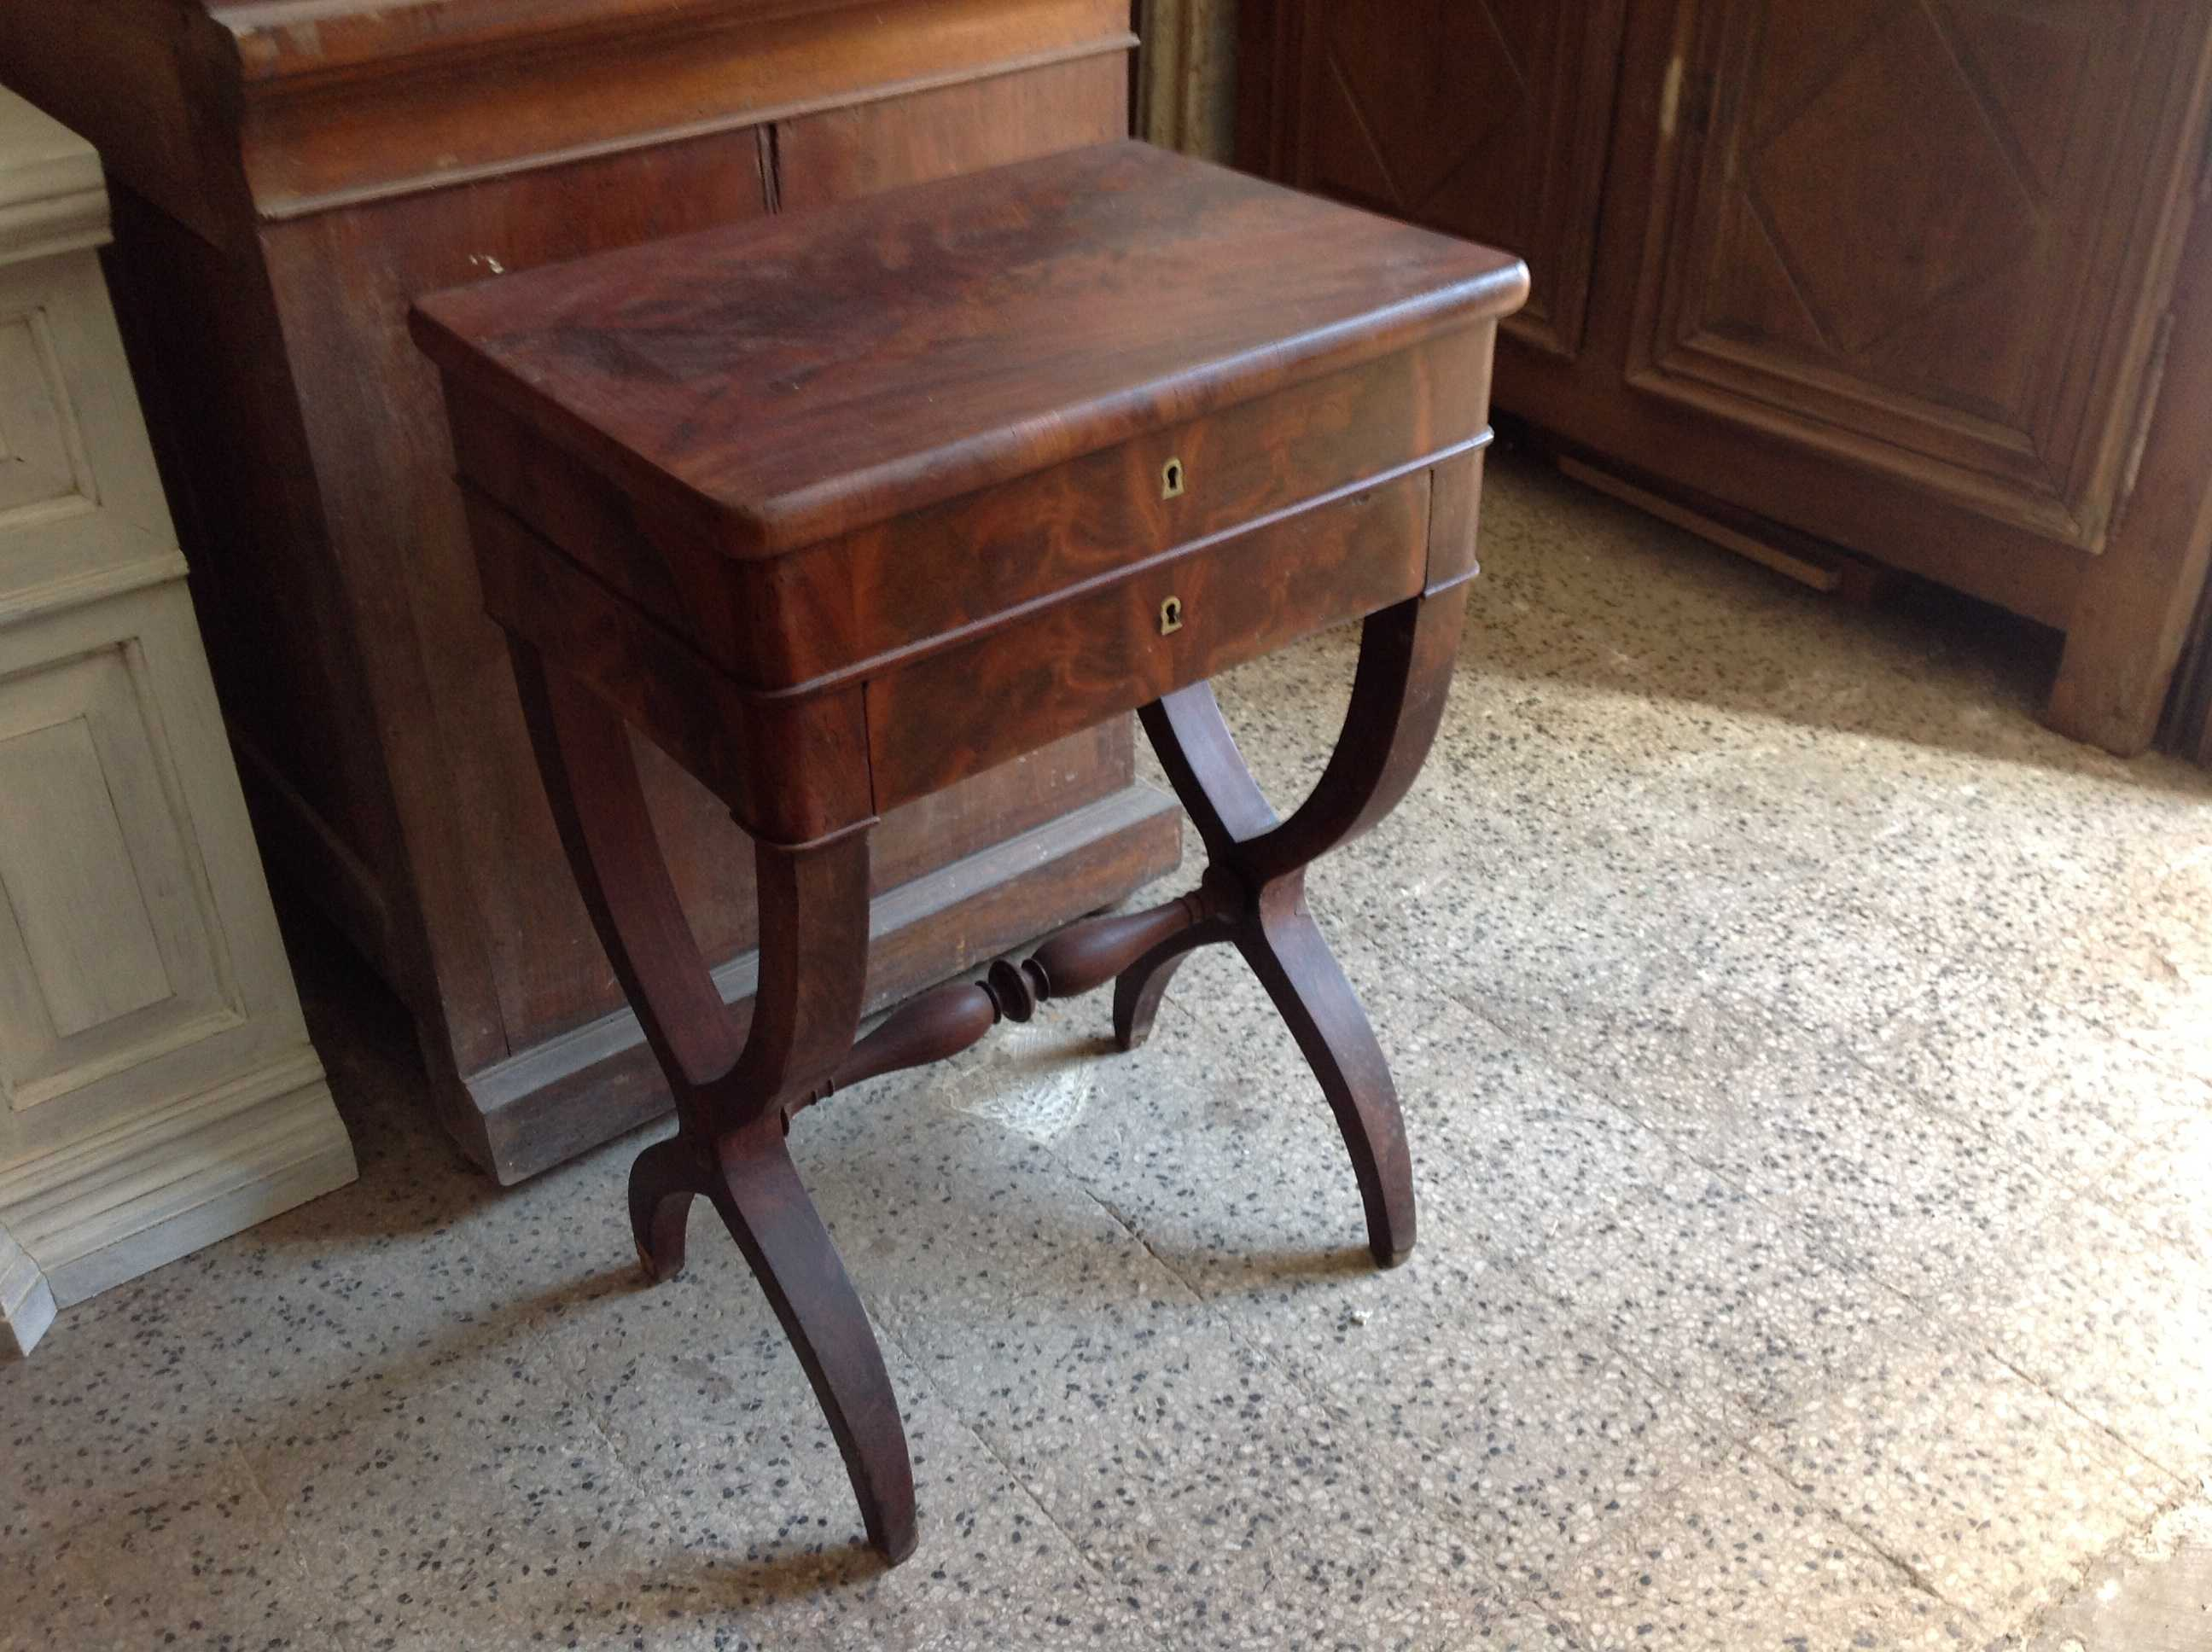 Vendita mobili bologna vendita soggiorni calenzano for Mobili antichi in vendita da privati